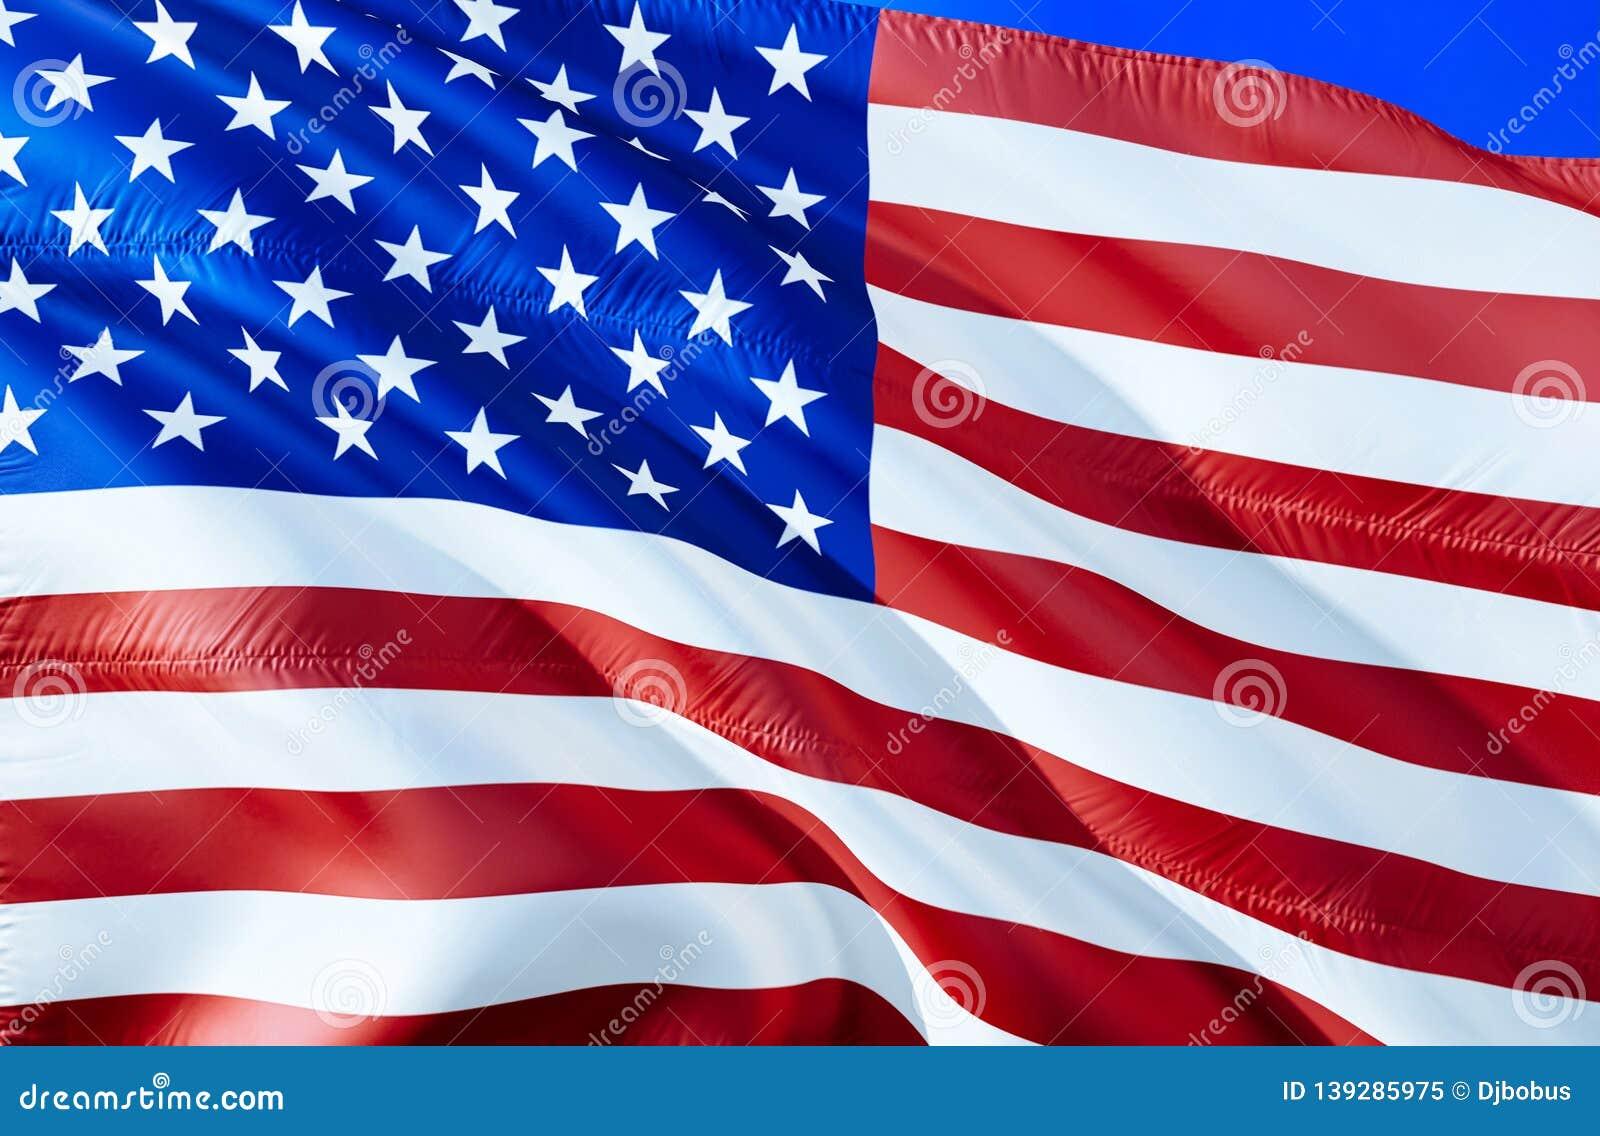 标志美国 3D挥动的旗子设计 美国的国家标志,3D翻译 美国全国颜色 美国的国旗